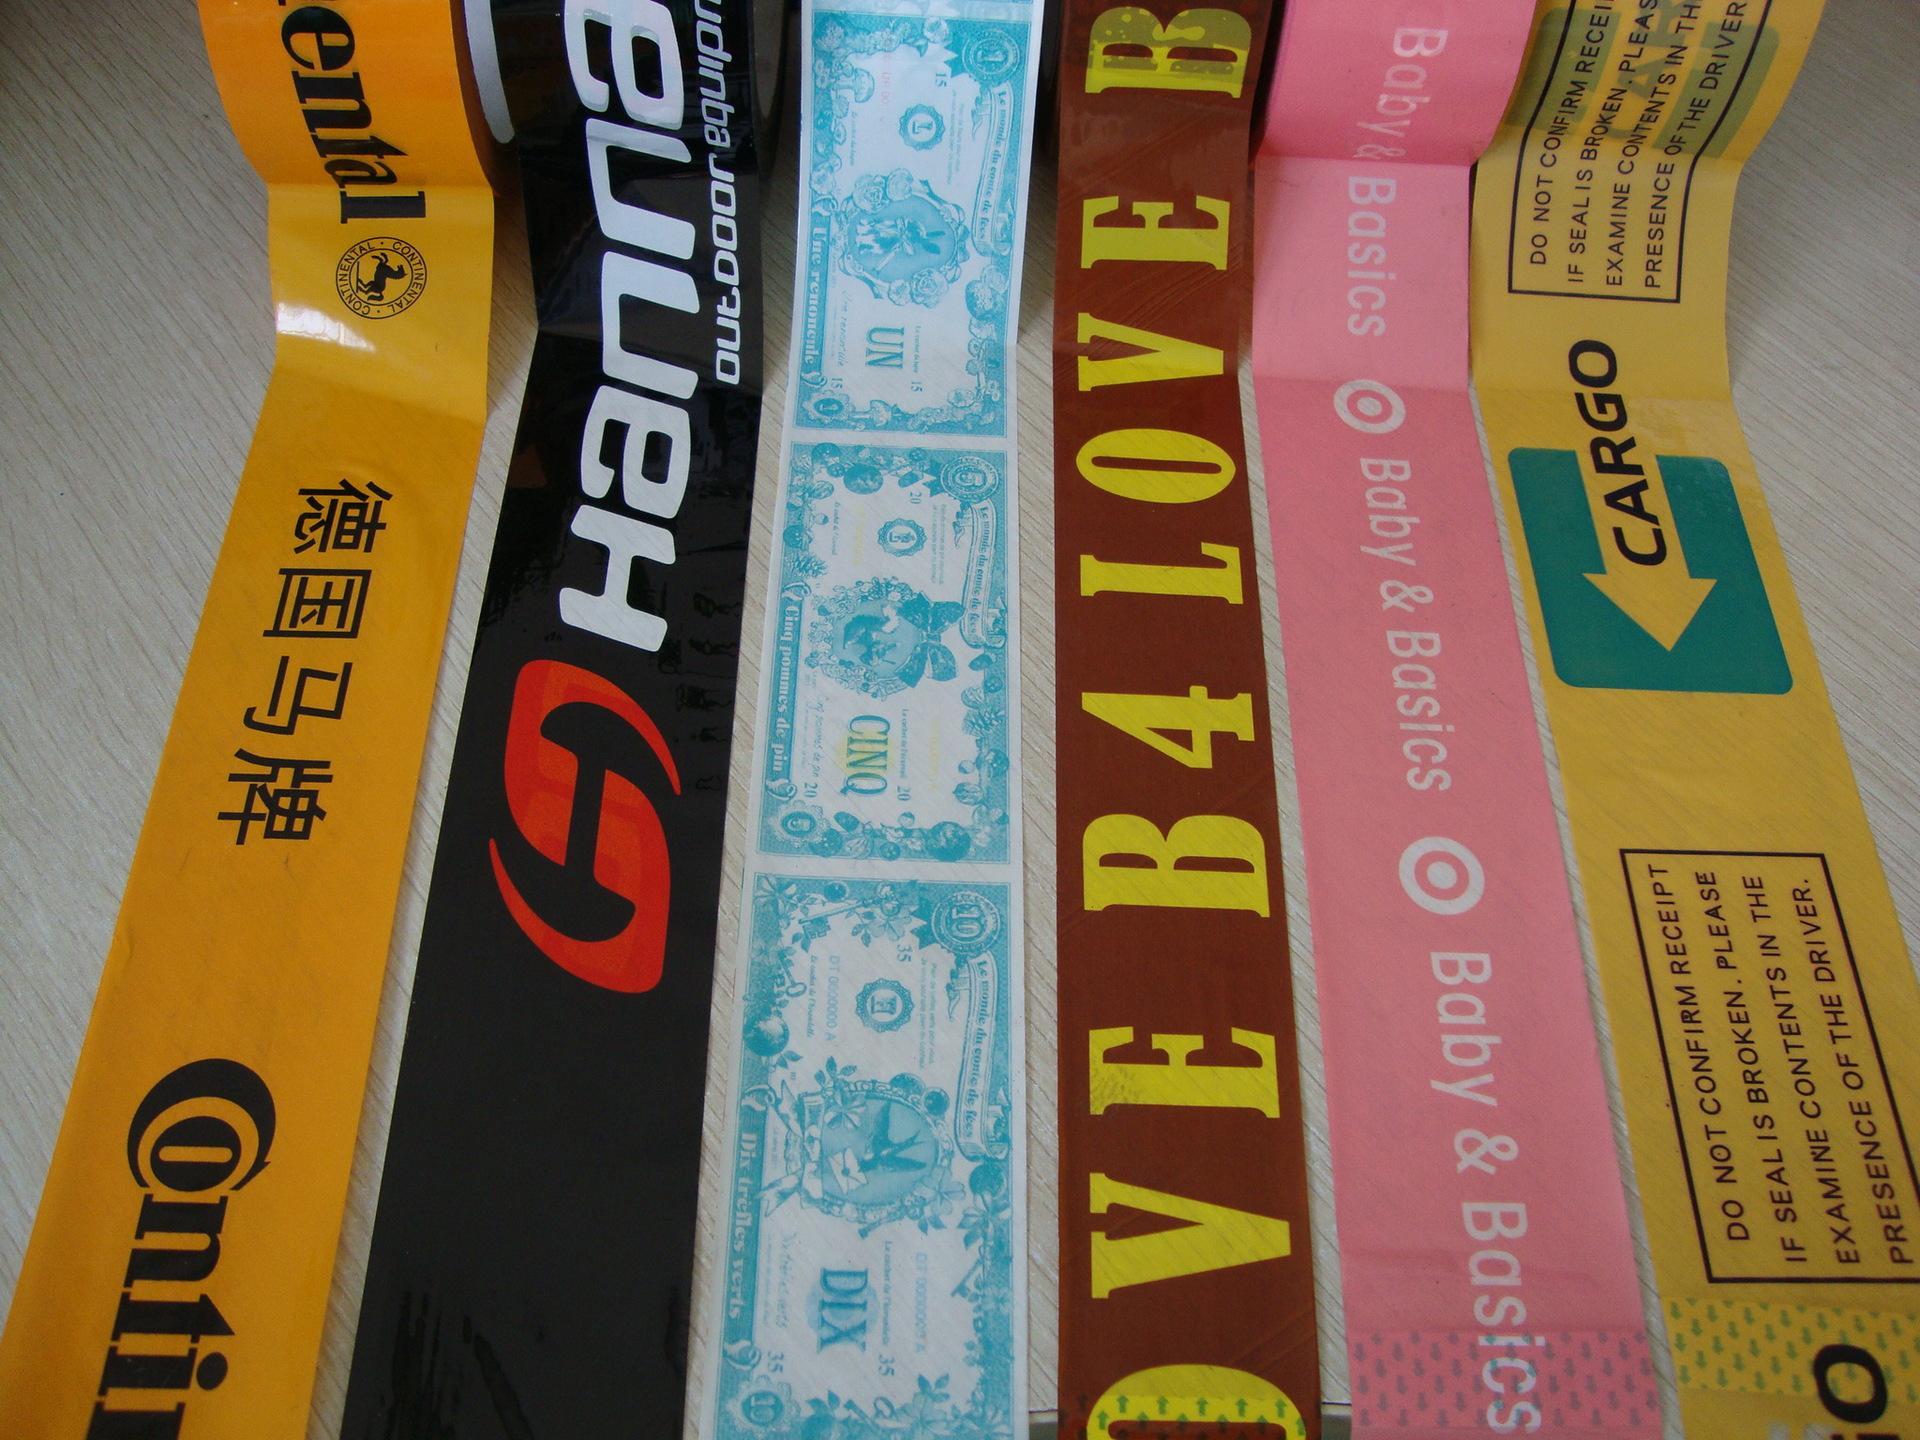 东莞印刷封箱胶带厂商、优质印刷封箱胶带厂家直销、高粘环保封箱胶带供应商、专业定制各种规格封箱胶带